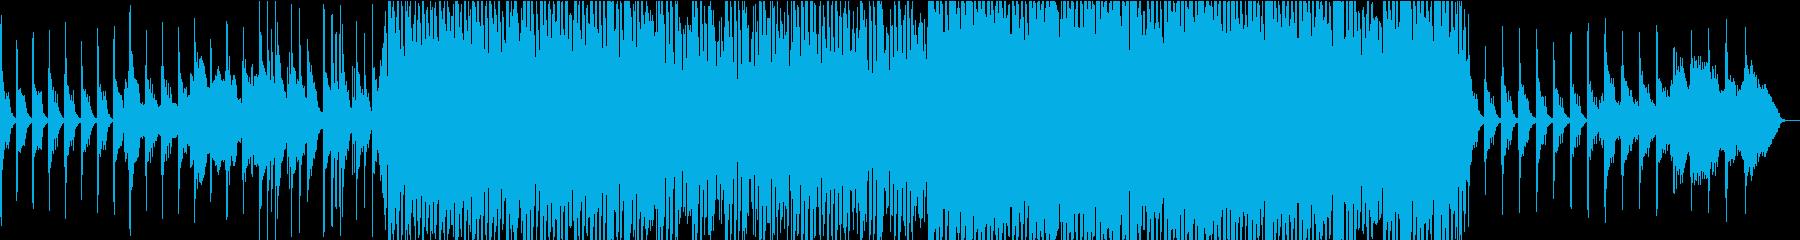 雪/キラキラ/ハウス/ピアノ/きれいの再生済みの波形